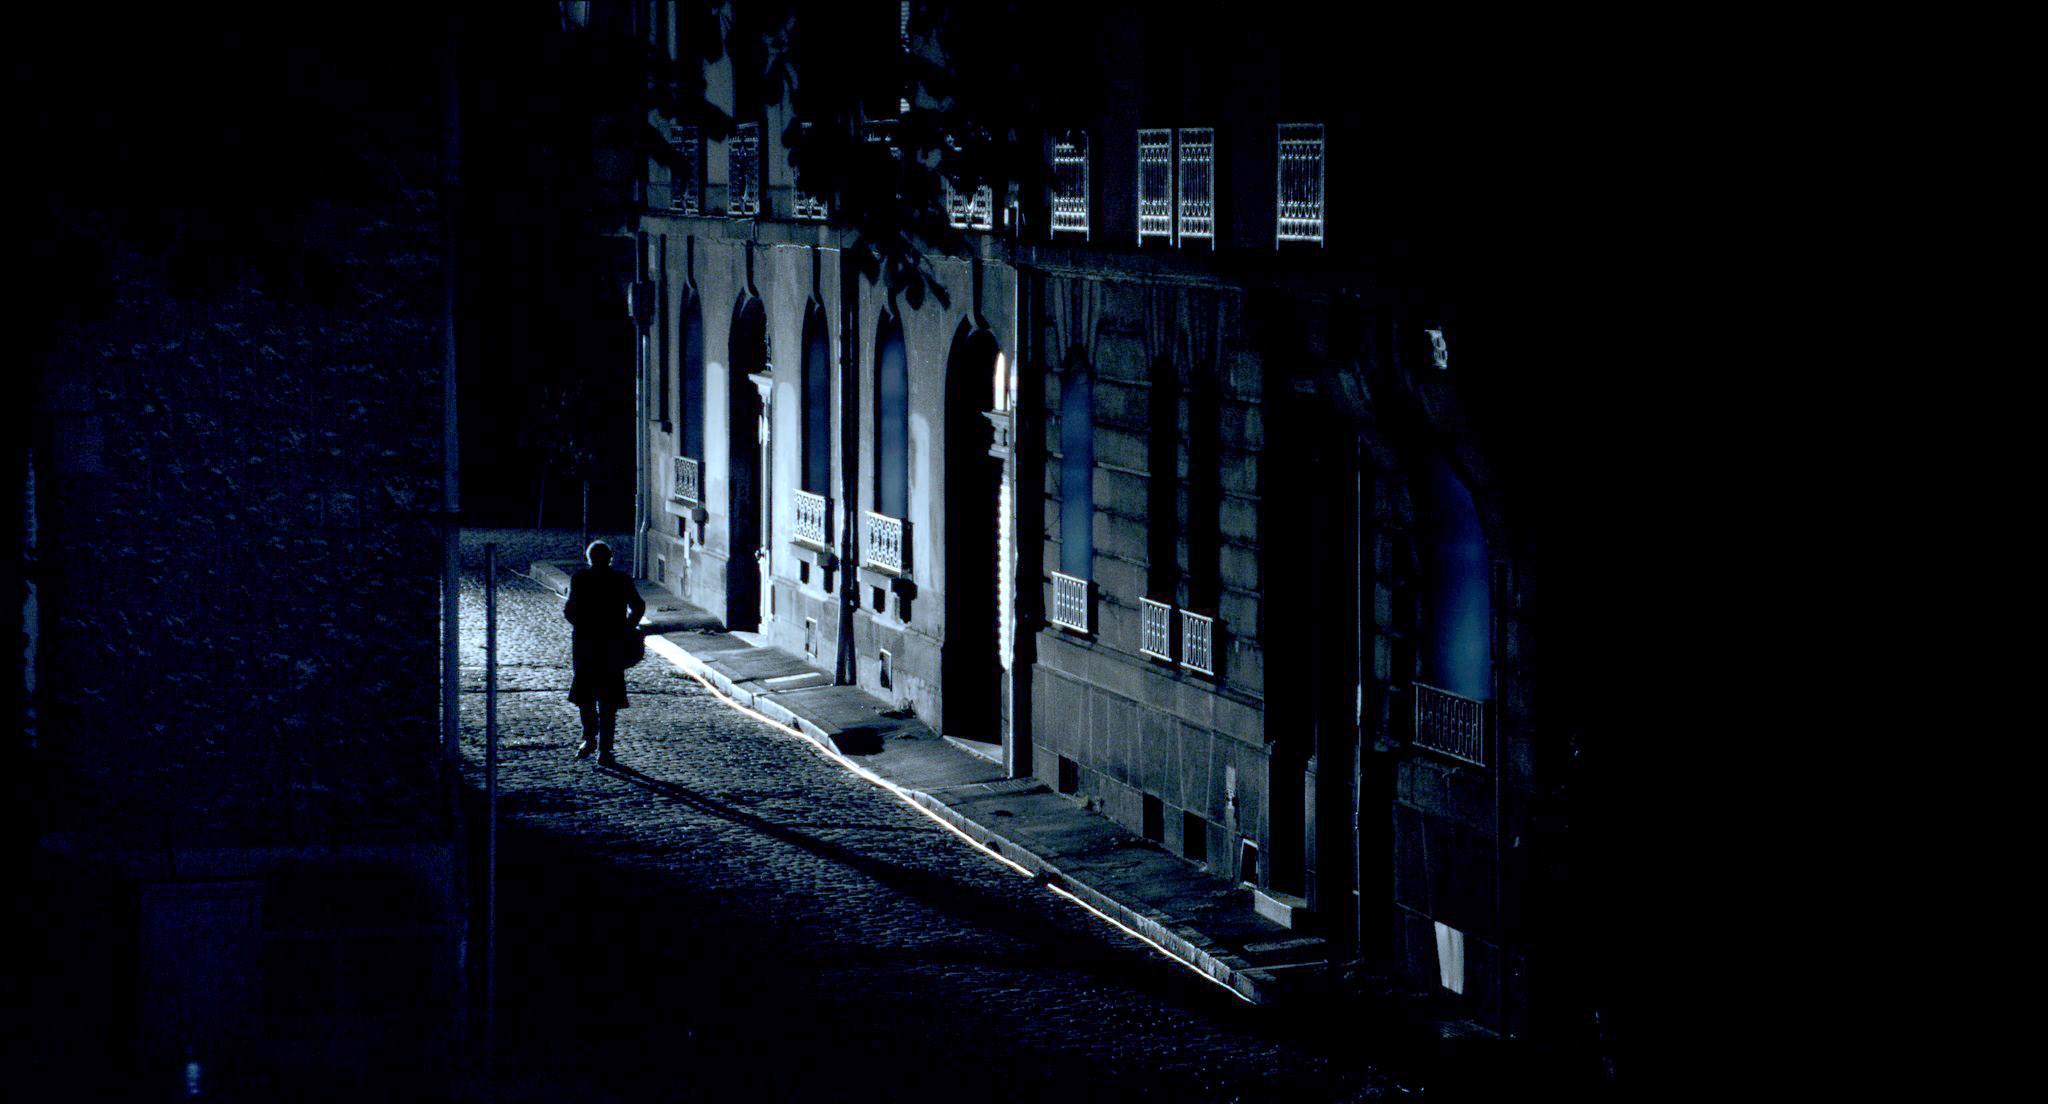 La Ville est calme - rue